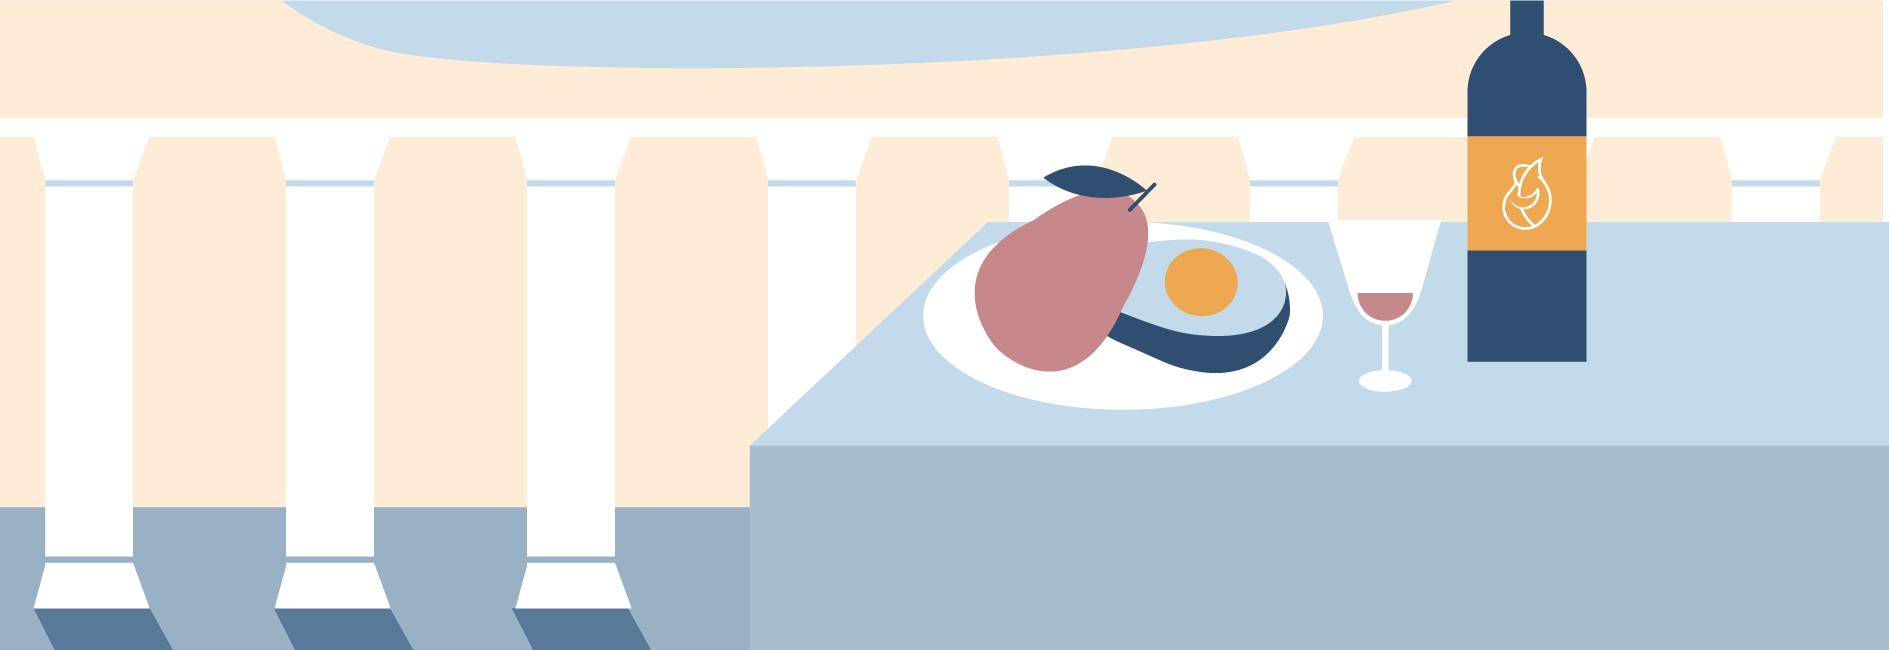 Eine Avocado und eine Mango auf einem Teller mit einer Flasche Wein und einem Glas und dem Mittelmeer.